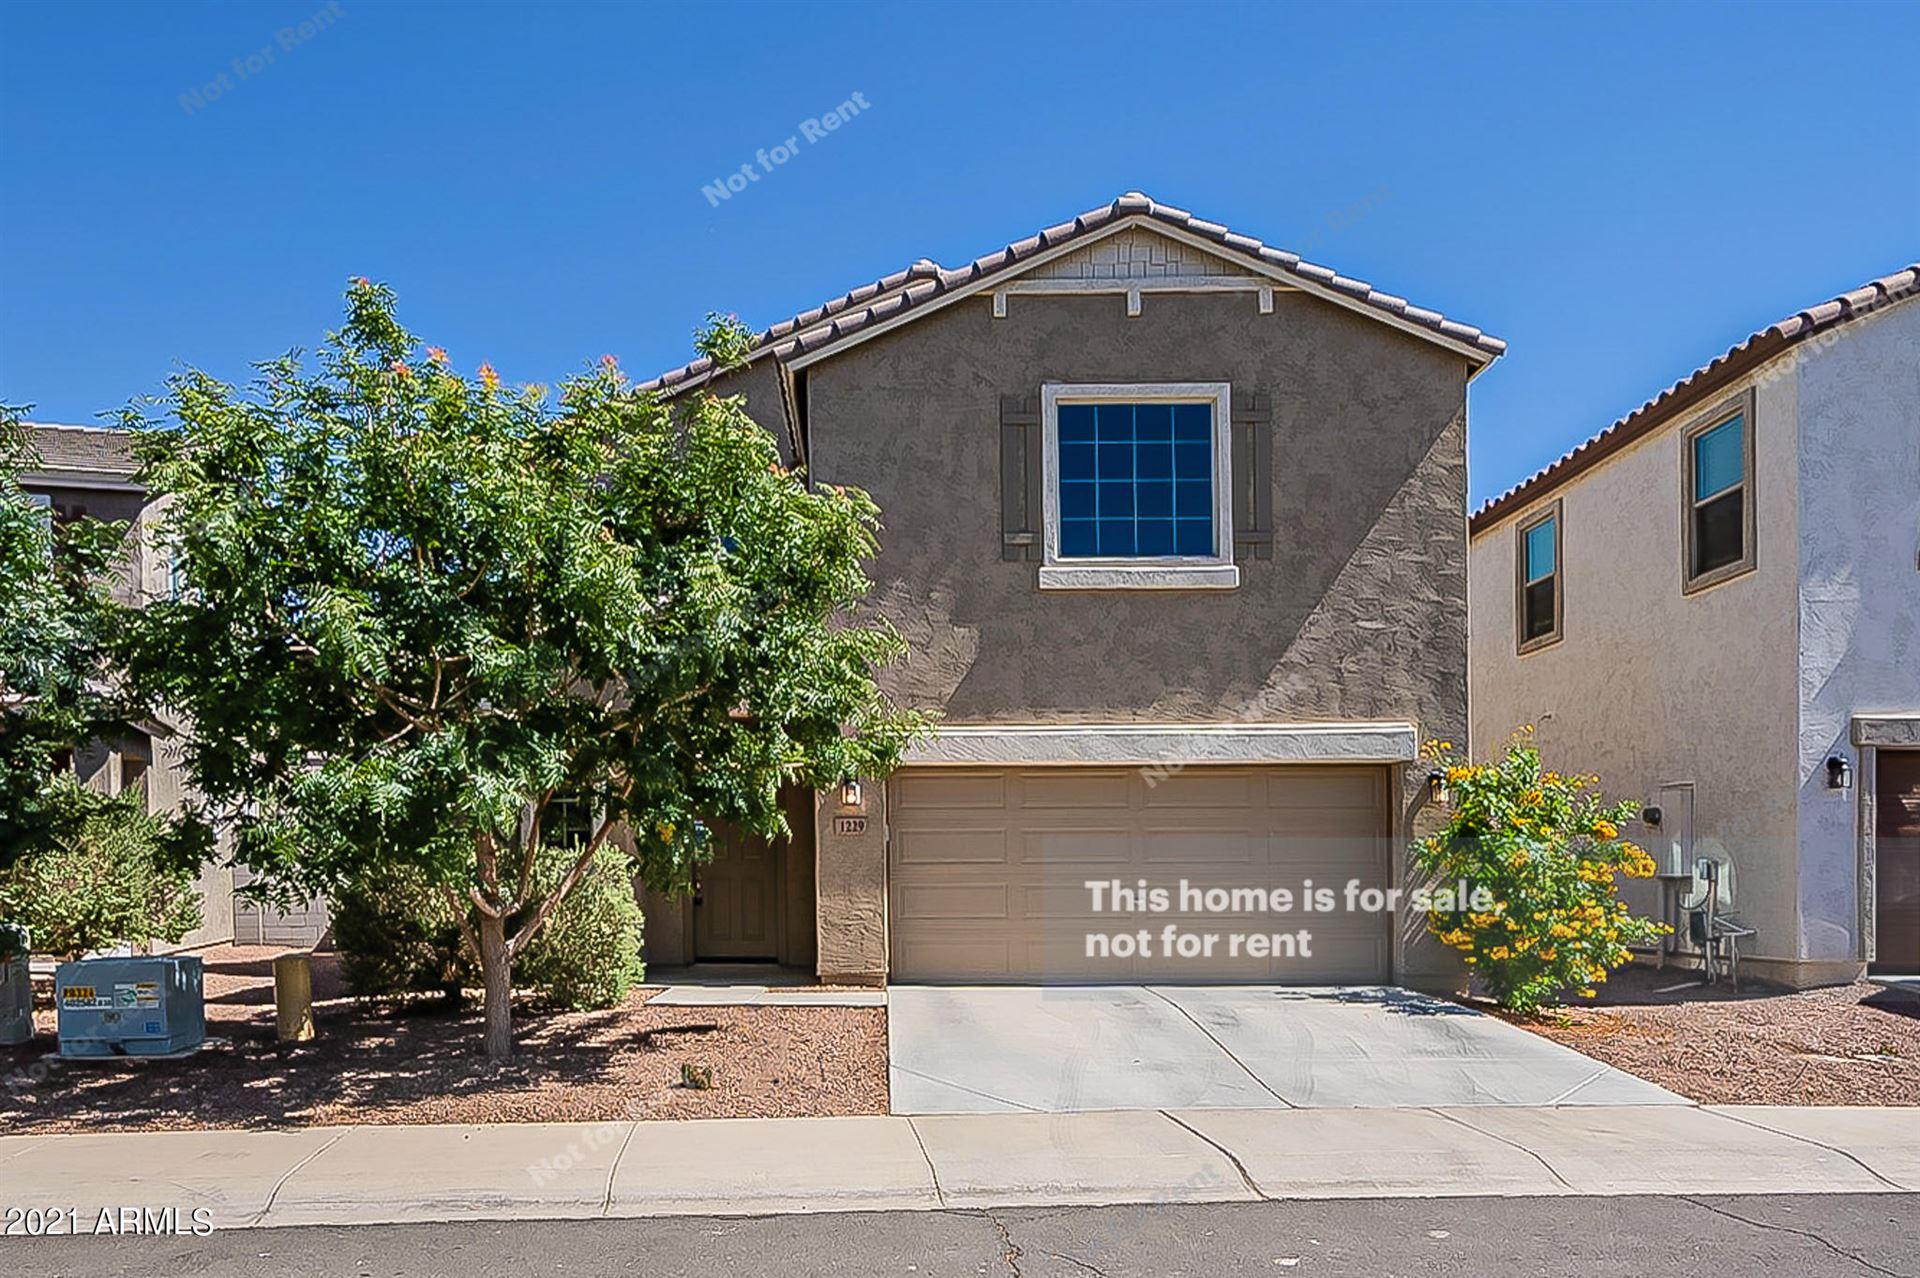 1229 E TAYLOR Trail, San Tan Valley, AZ 85143 - MLS#: 6237129